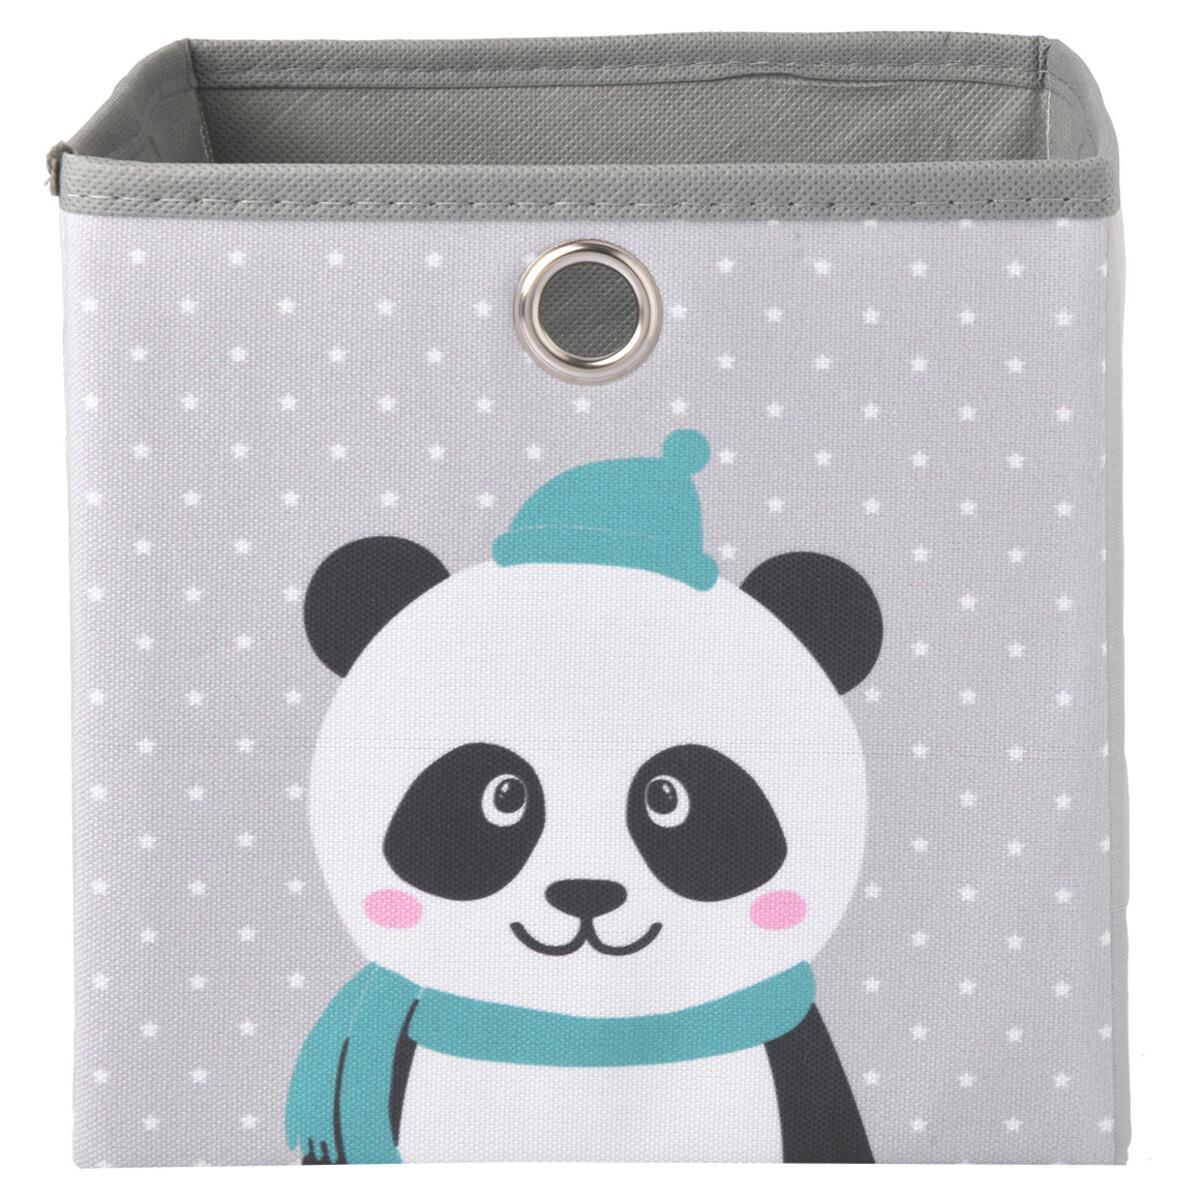 Bild 2 von Aufbewahrungskorb mit Panda-Motiv